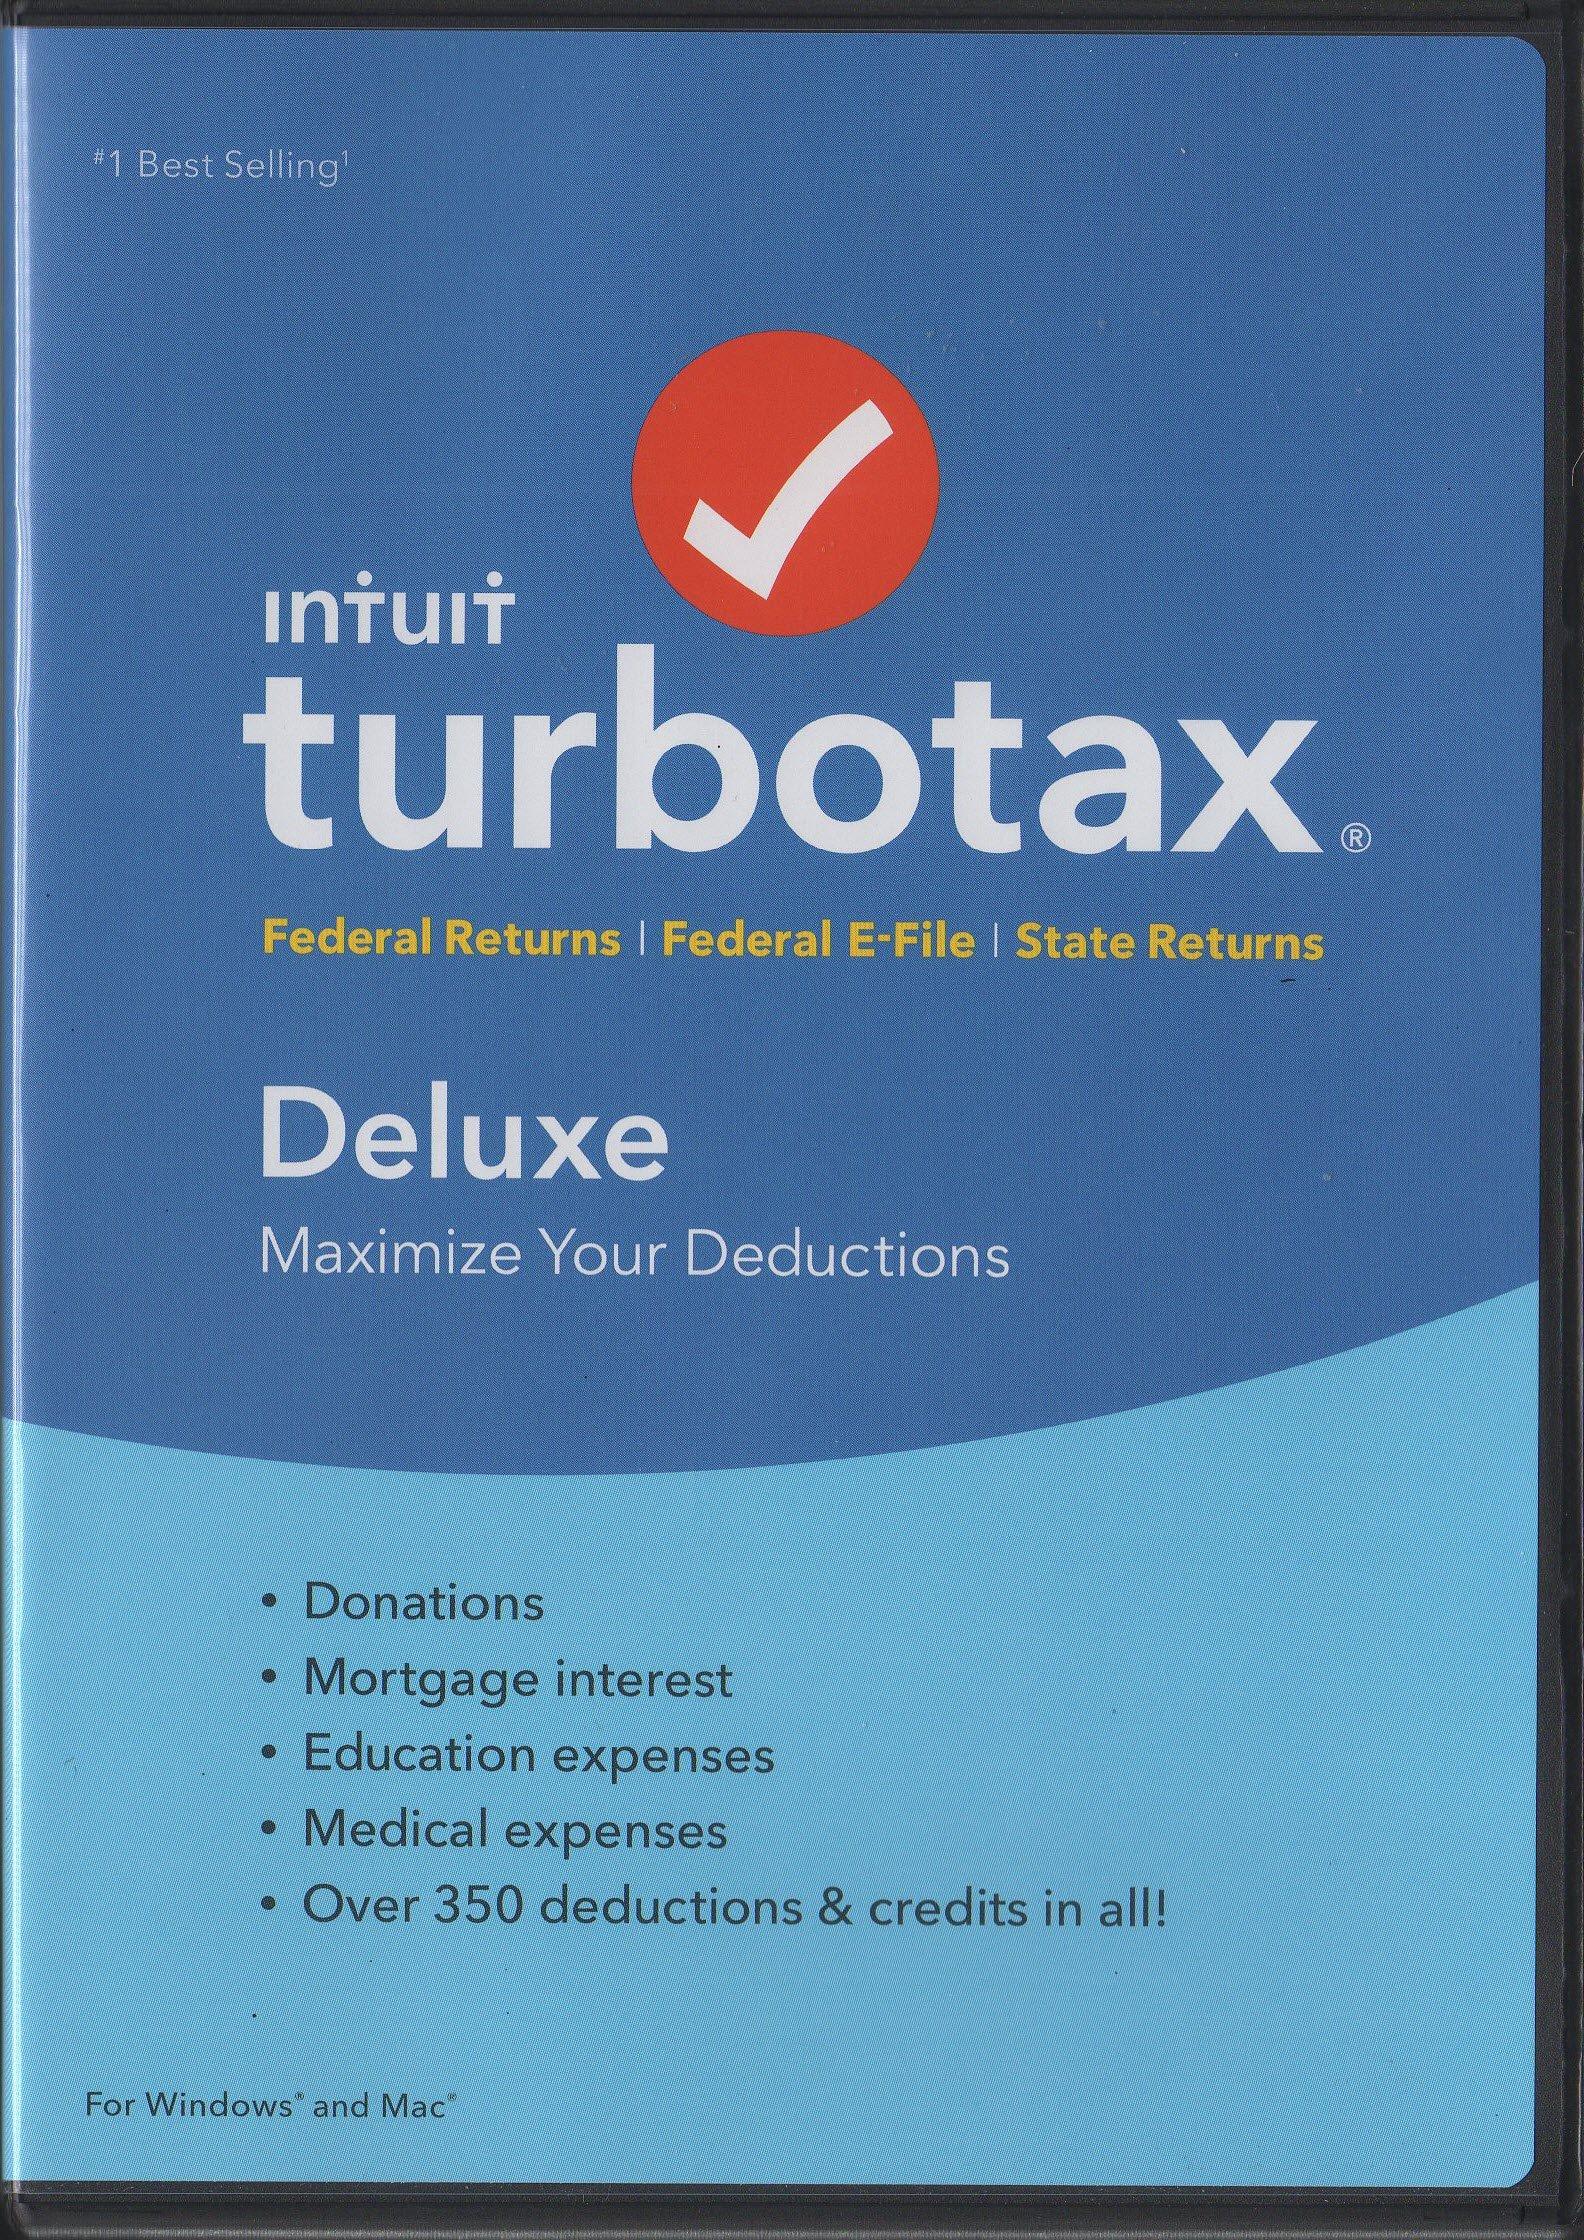 turbotax deluxe deals